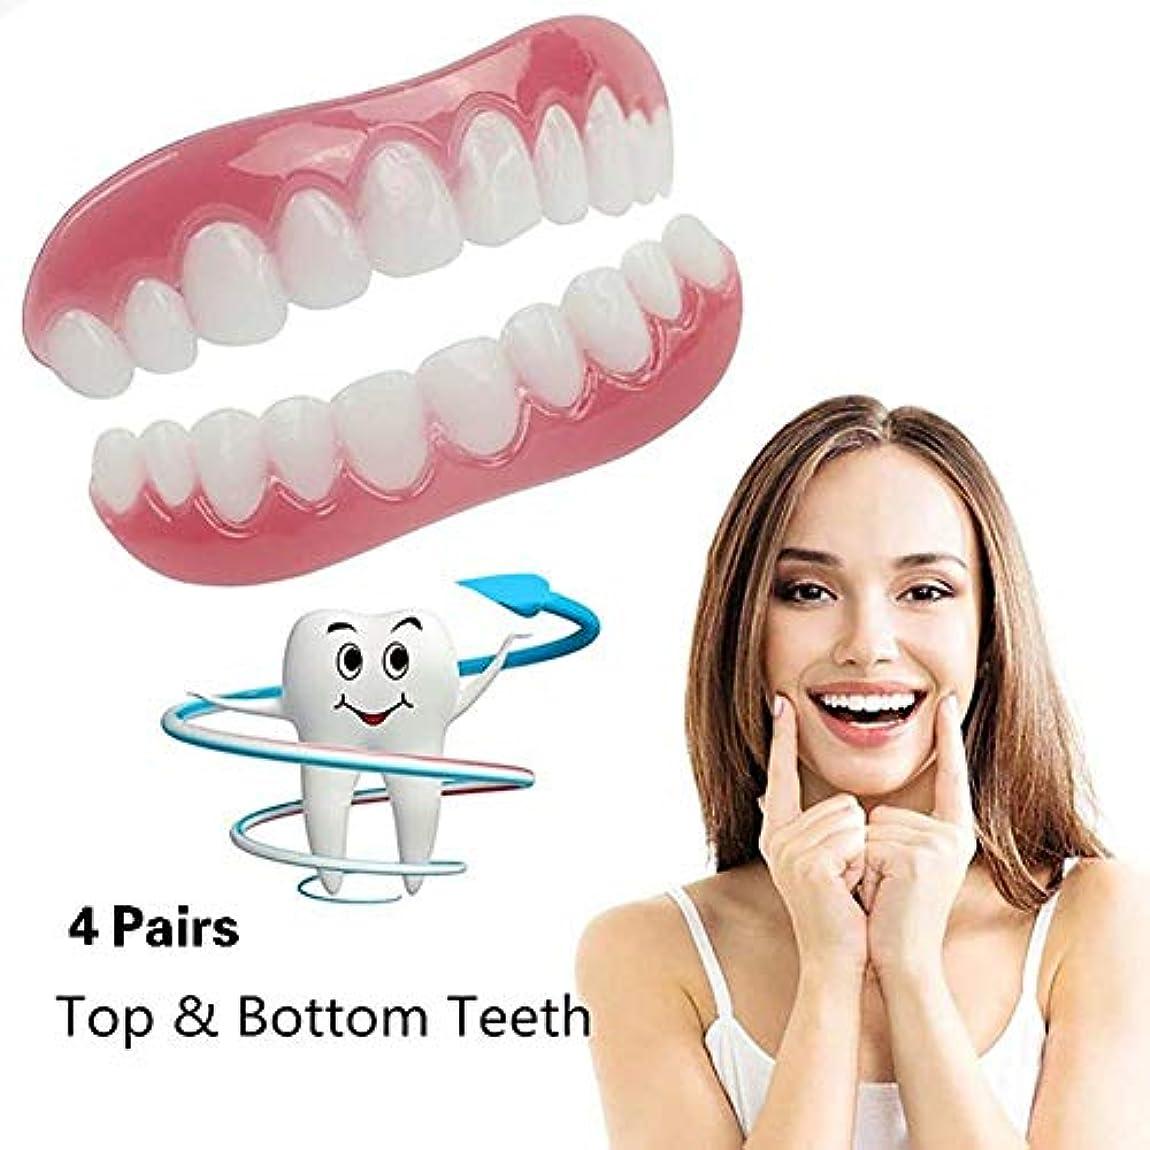 かる誕生醜いシリコーンの歯のベニヤ化粧品の歯のスナップのしっかりとした上部の低い屈曲の歯科ベニヤ義歯のケアを白くする完全な歯1つのサイズに収まるすべて